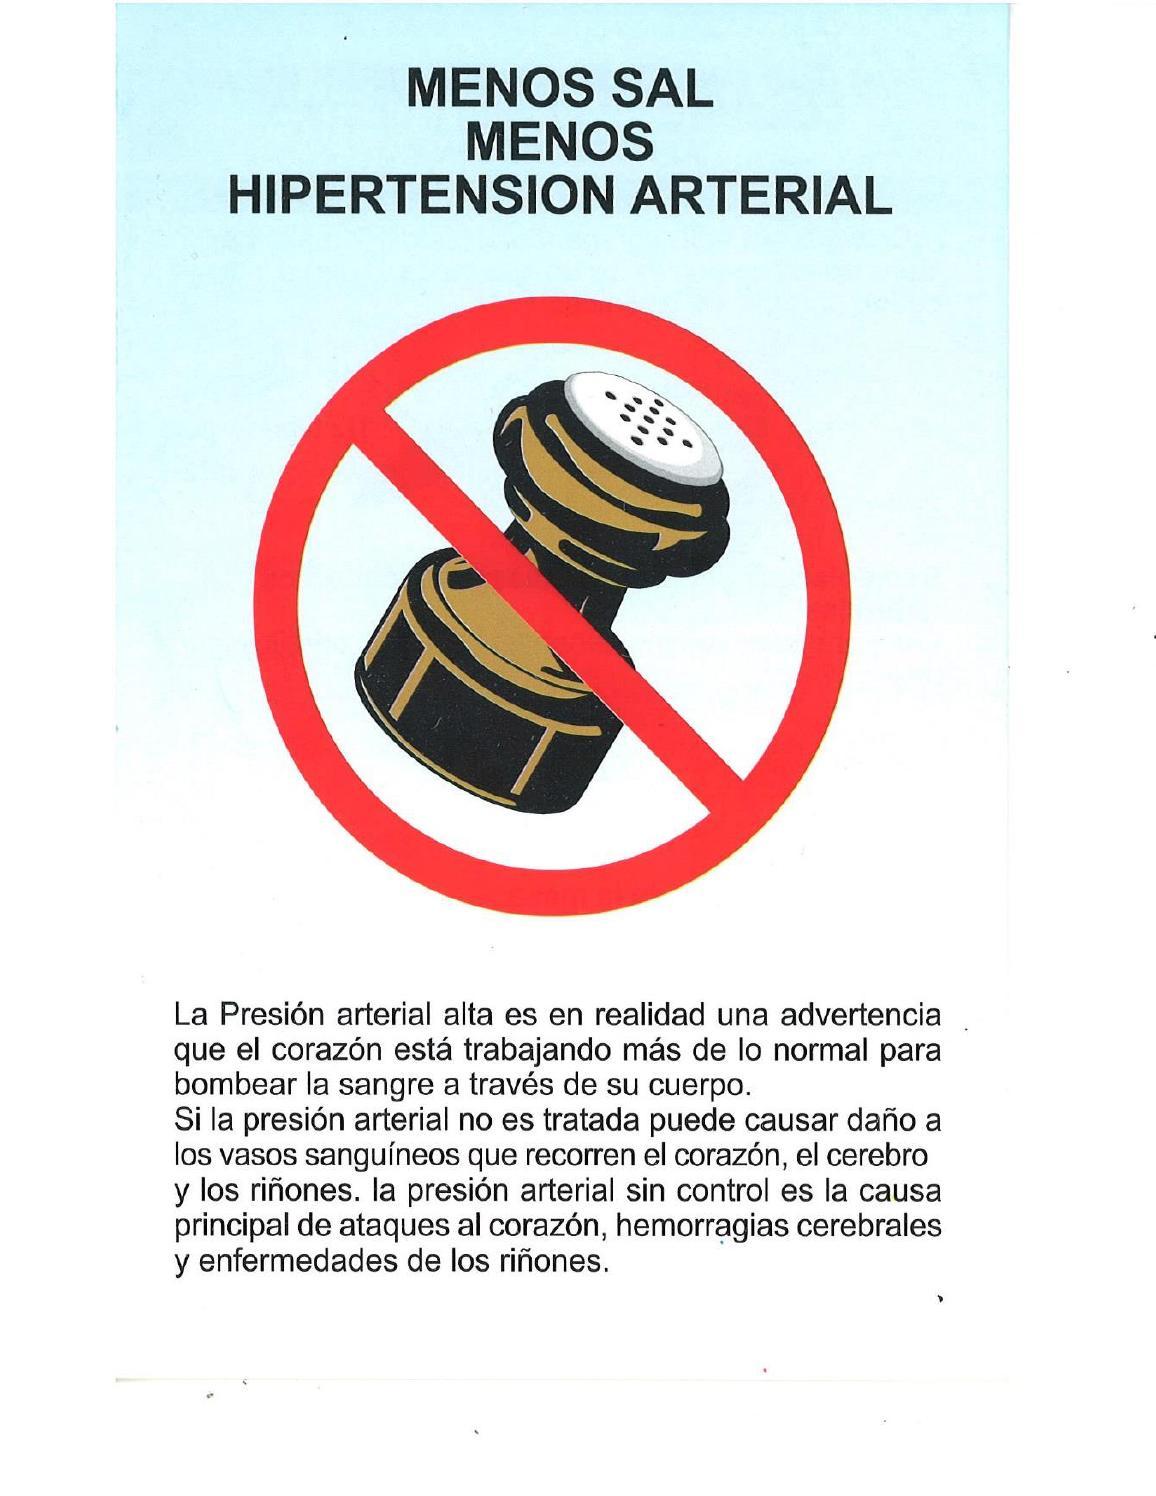 Puede la hipertensión arterial provocar un ataque al corazón